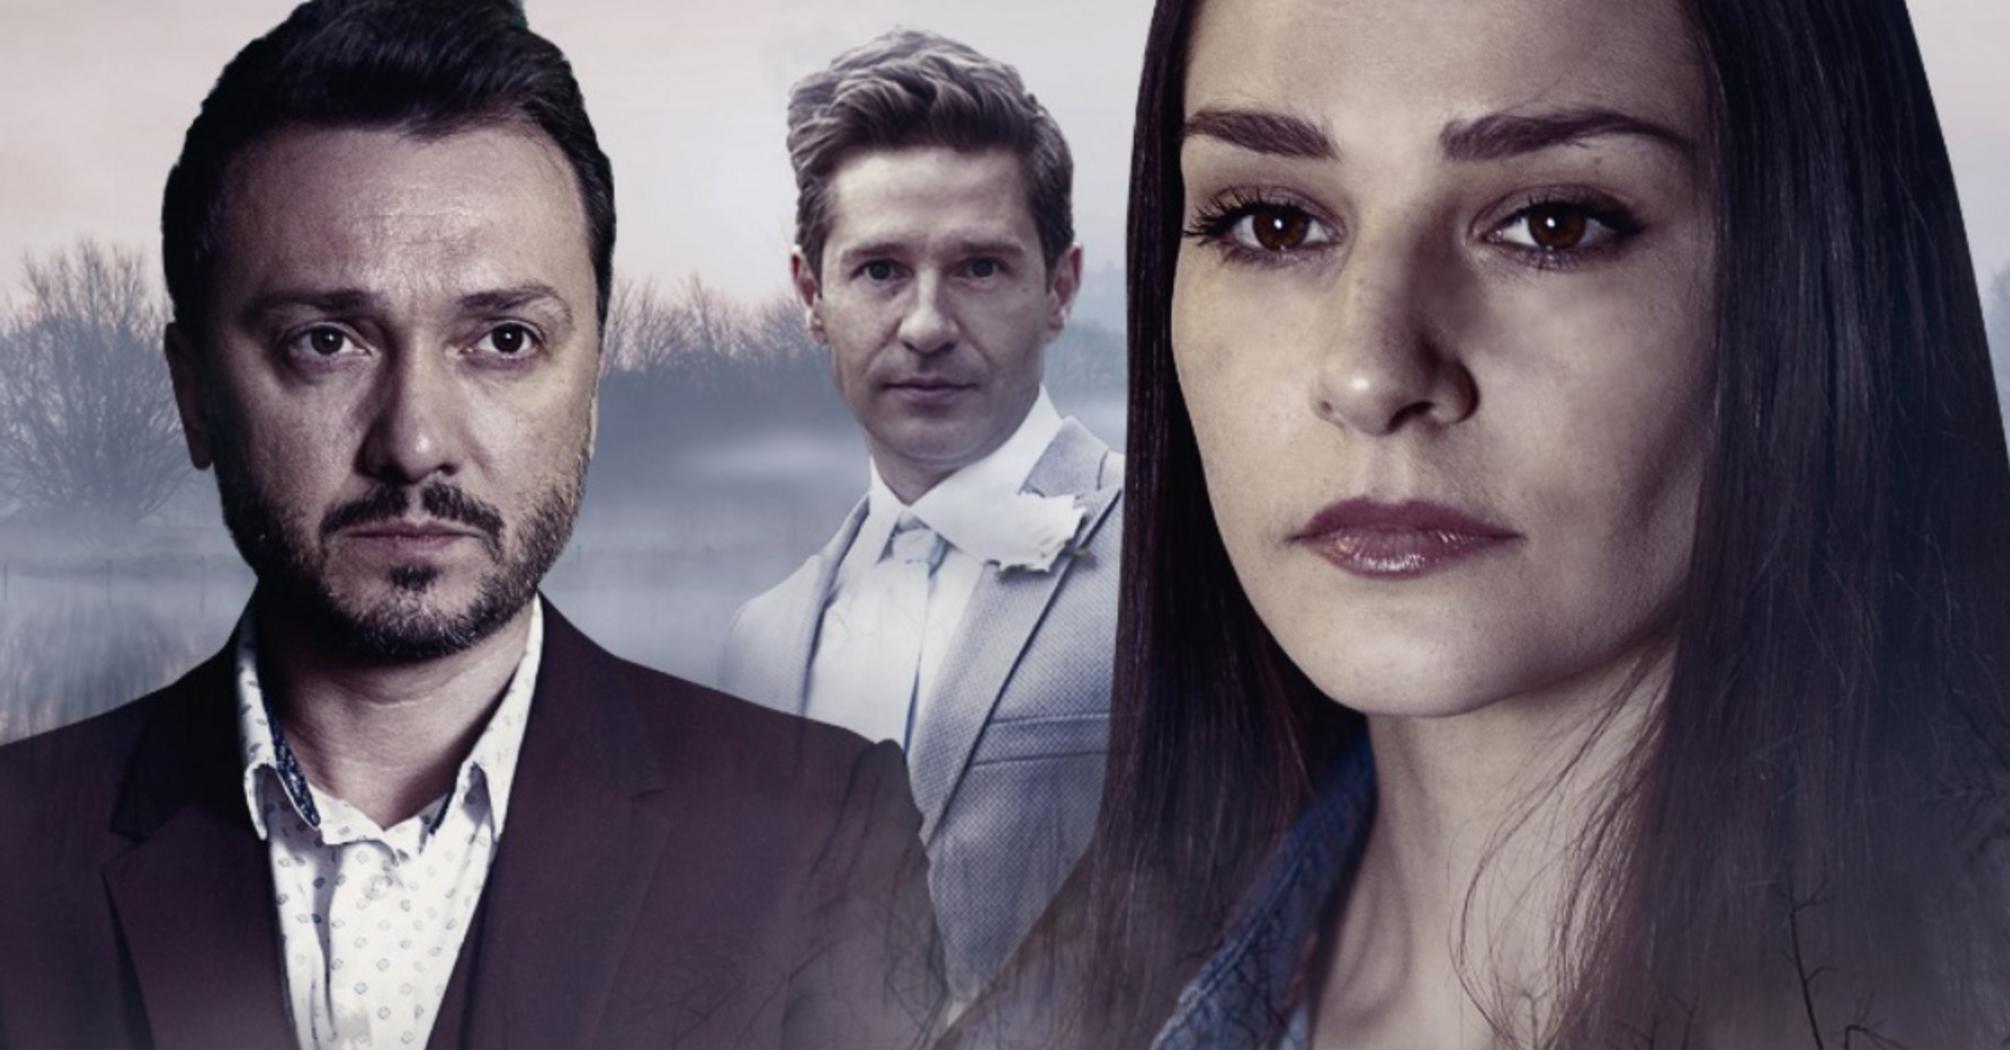 Поромниця: зміст, актори та відгуки, де дивитися всі серії онлайн